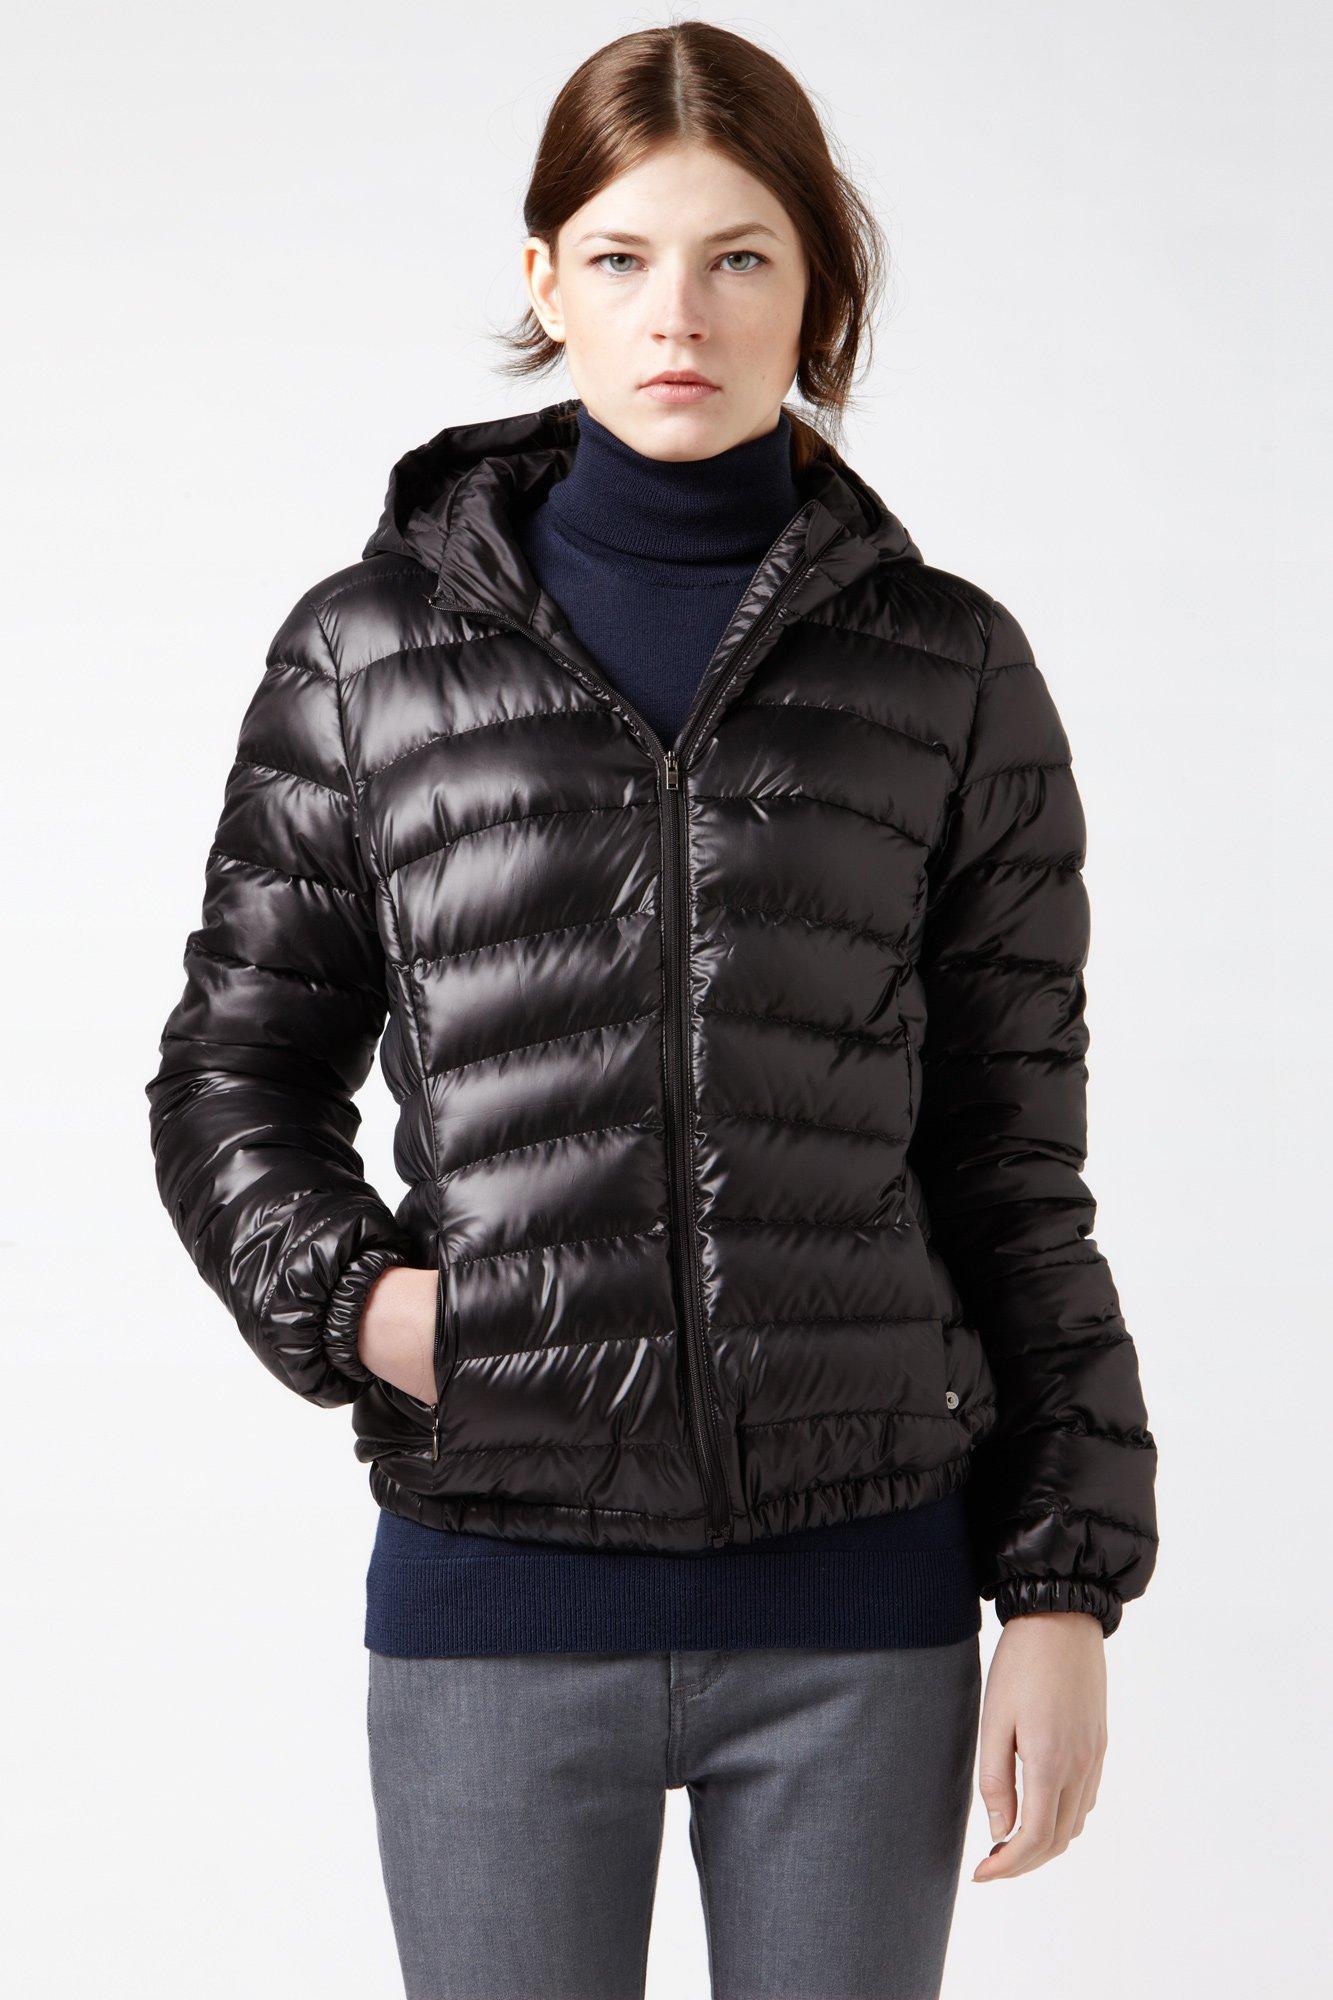 Womens lacoste jacket